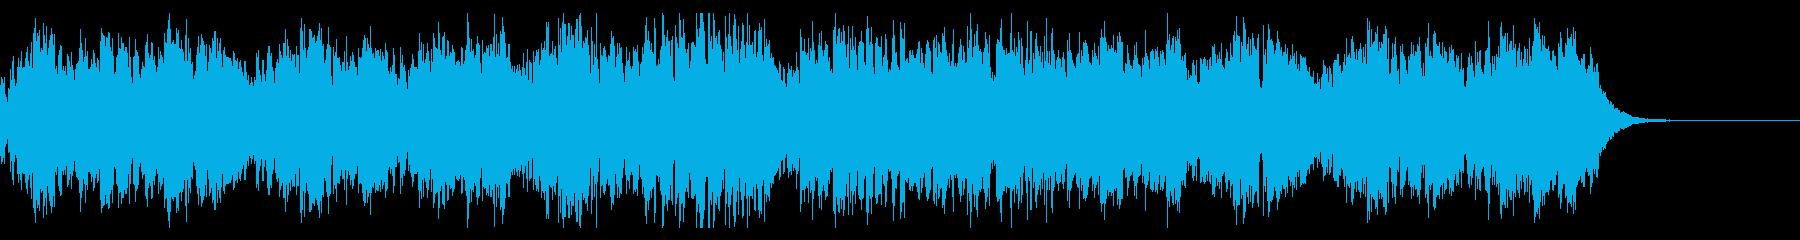 歪ギターが炸裂するアップテンポの上げ曲の再生済みの波形